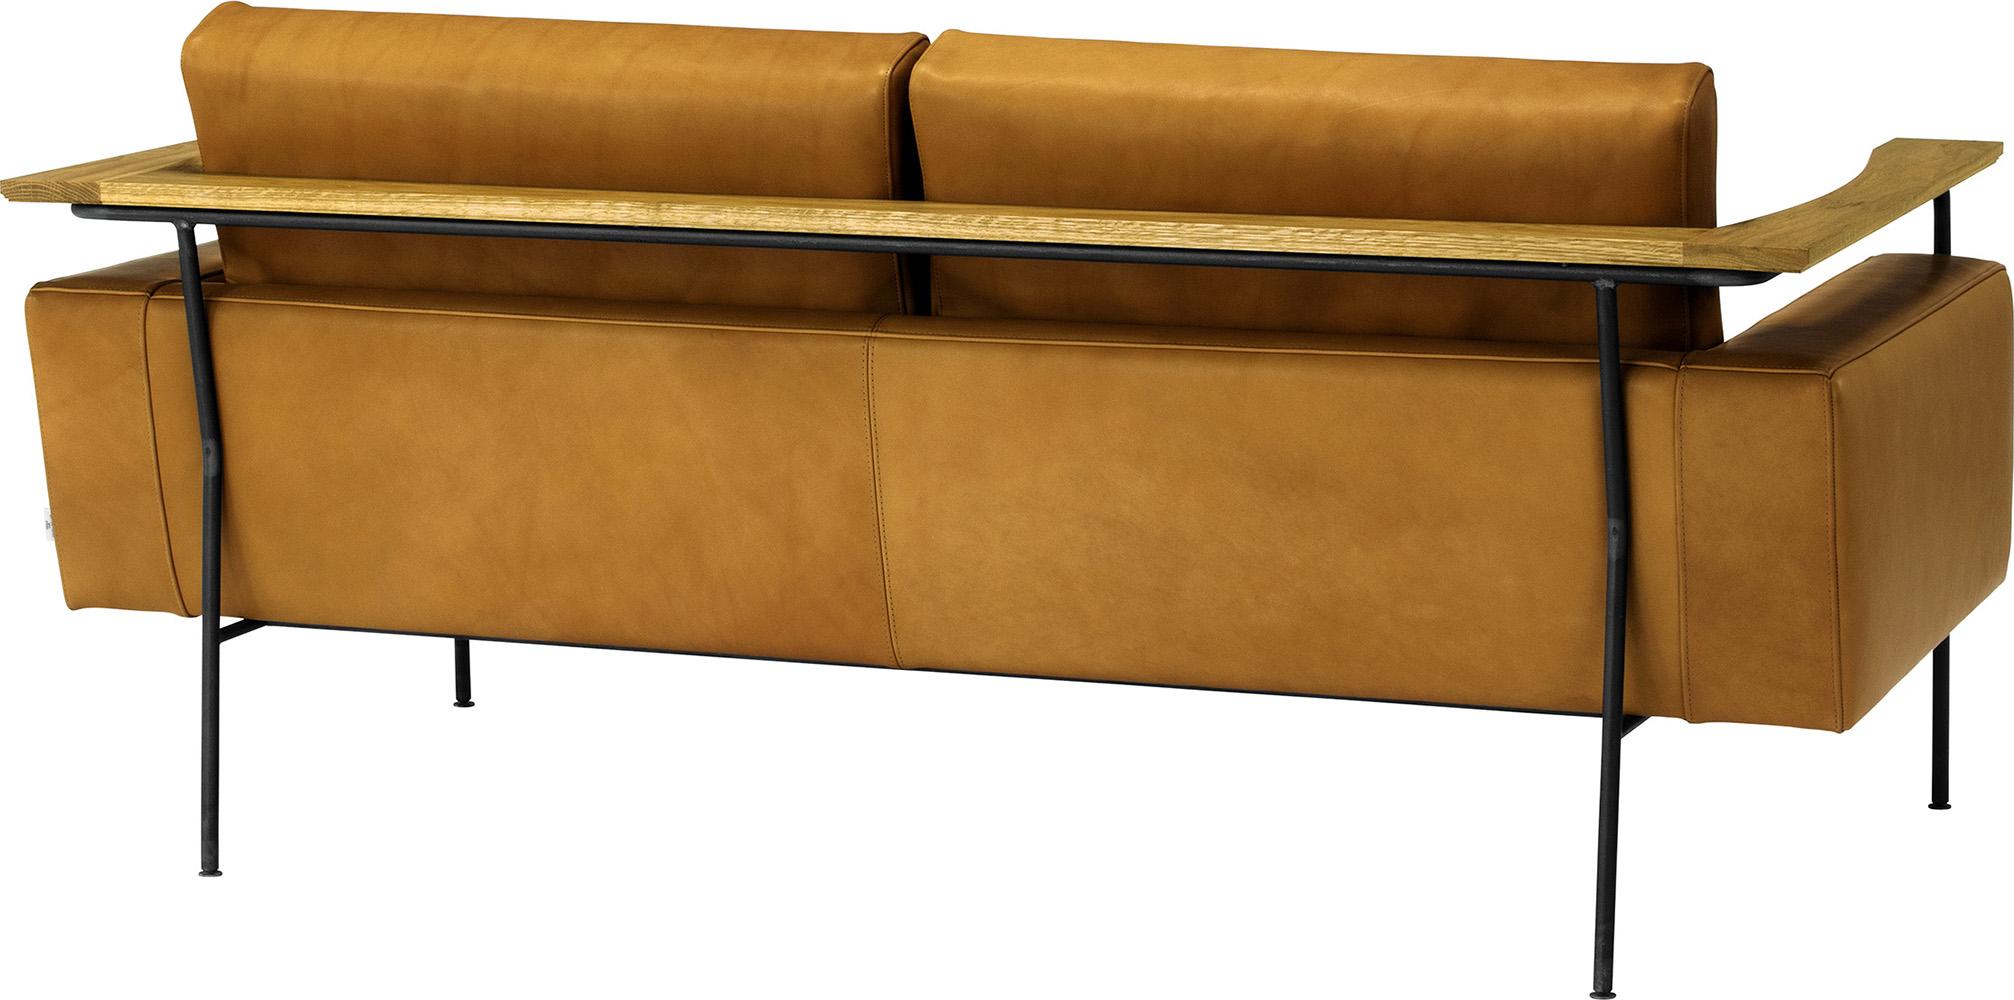 アイテム画像(TIER sofa / 2seater)メイン